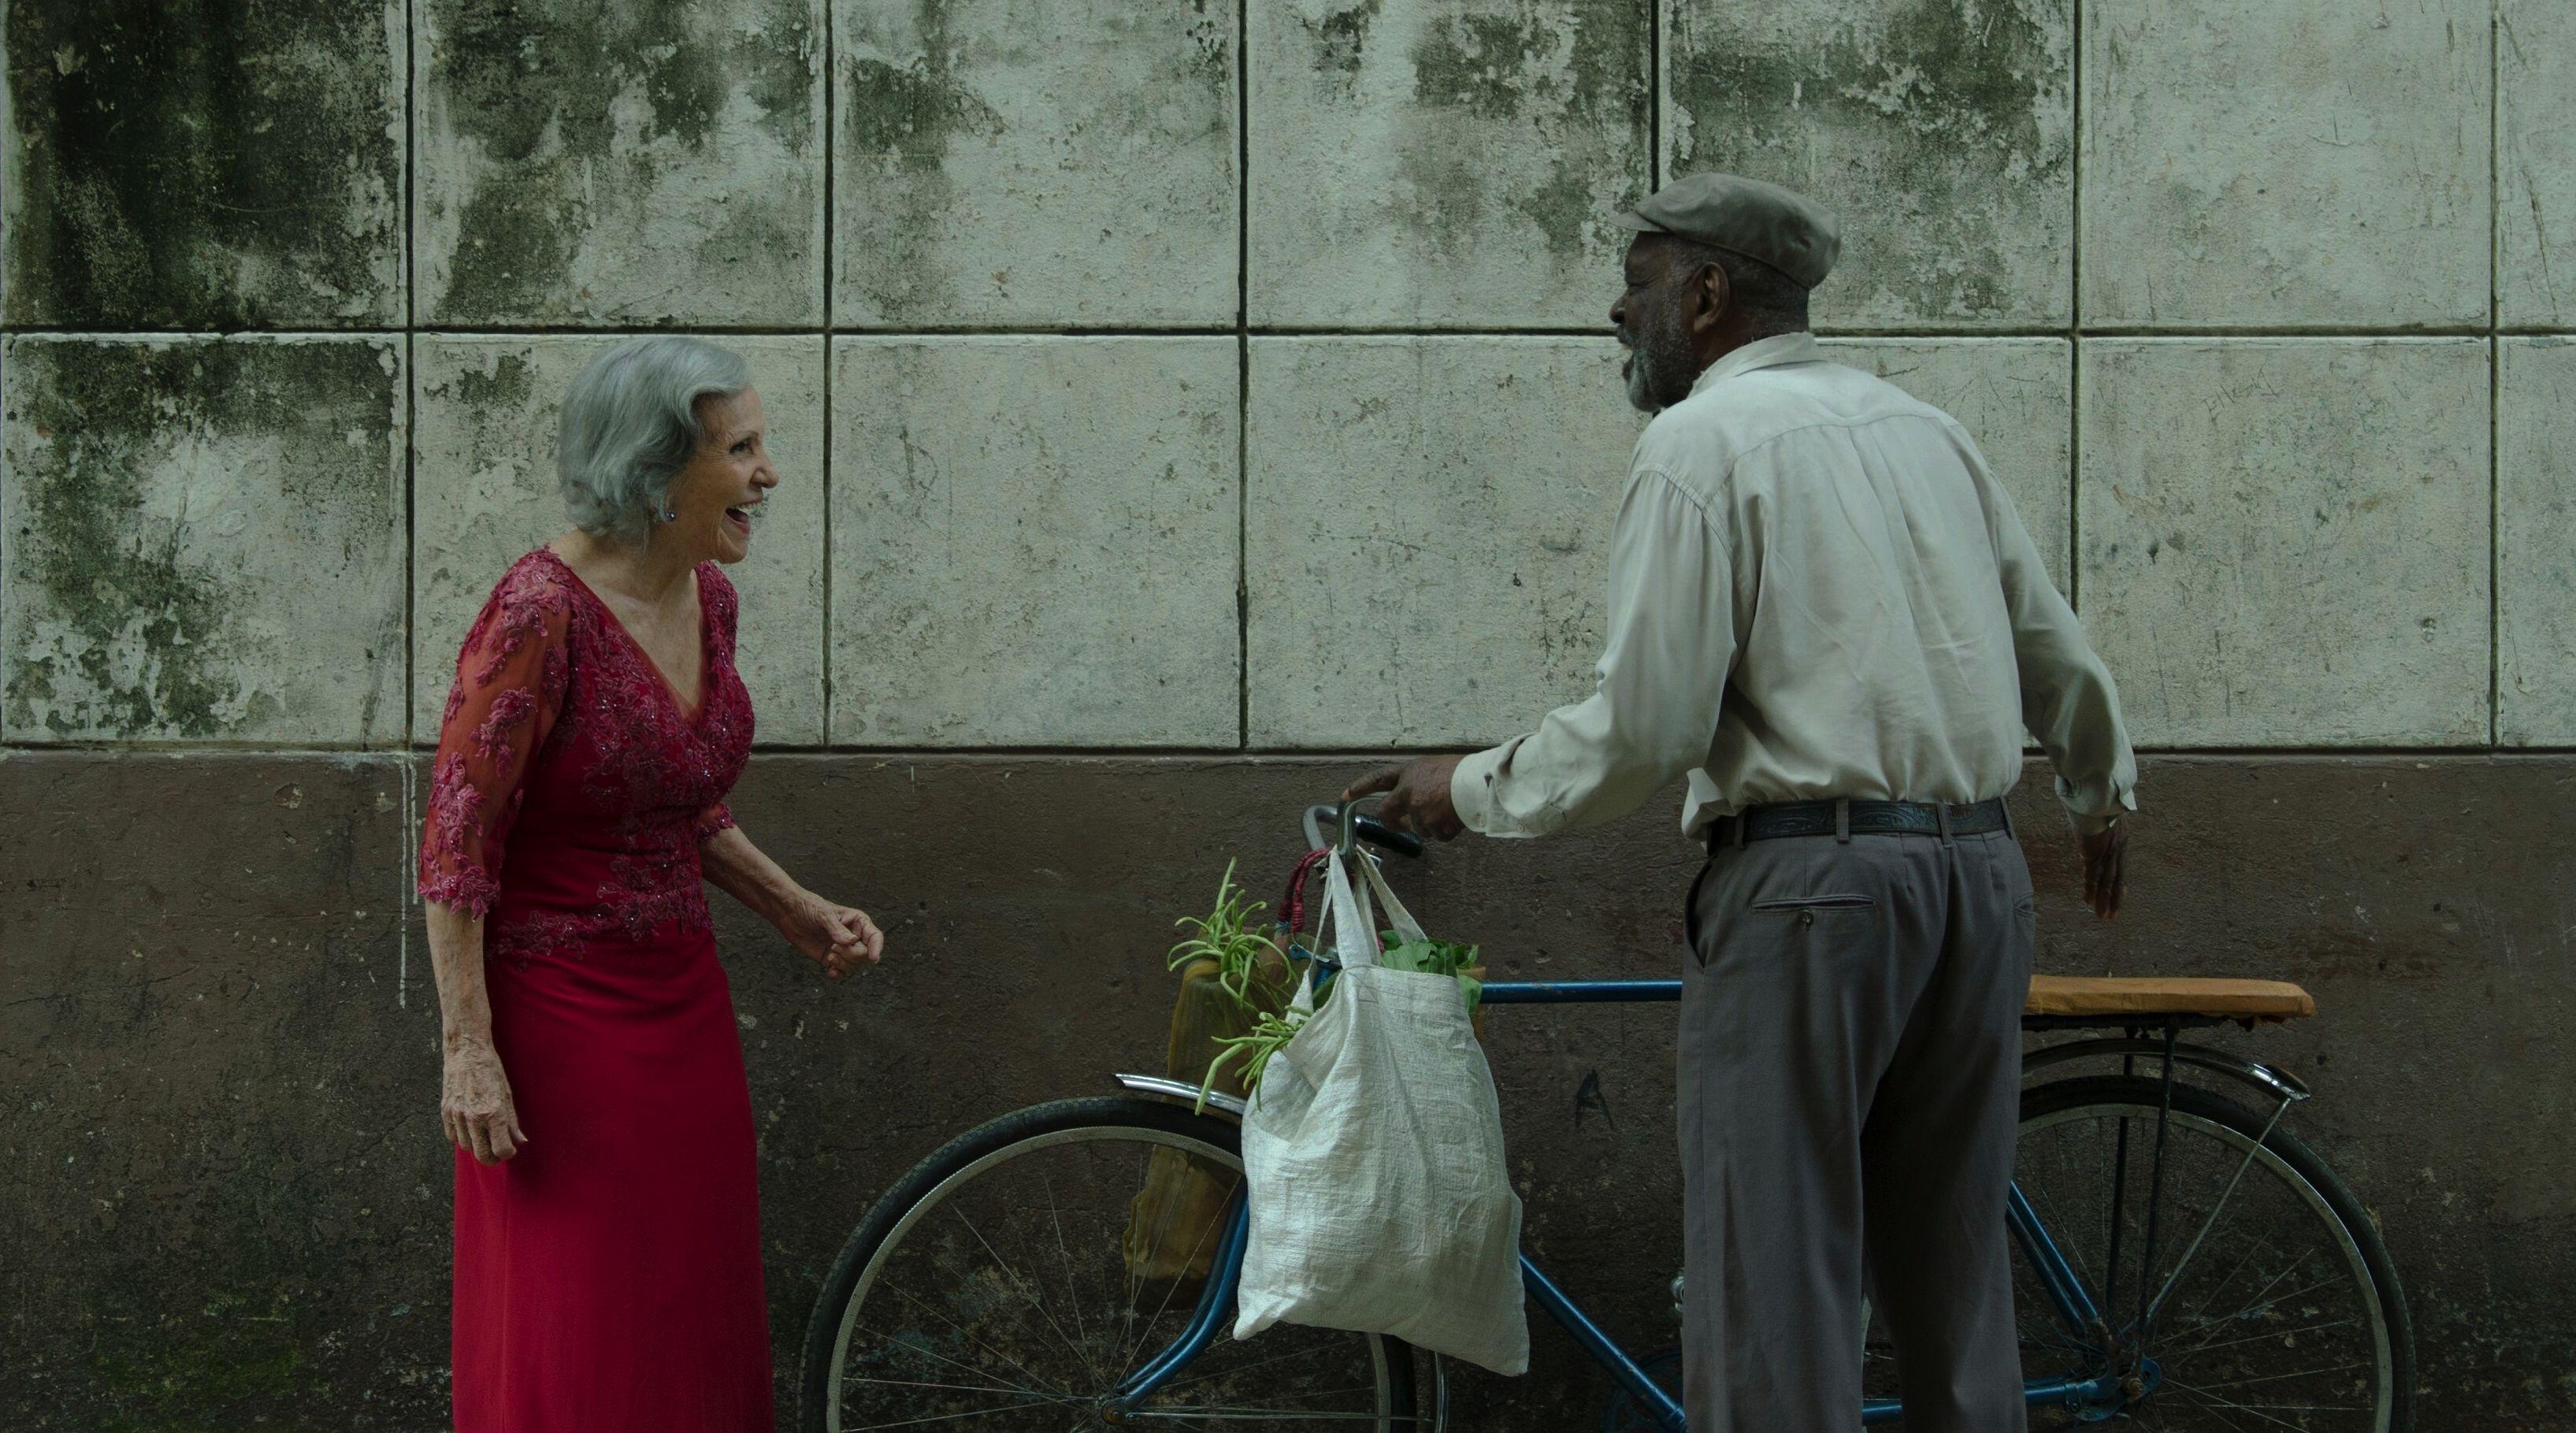 Verónica Lynn (Candelaria) y Alden Knight (Víctor Hugo), protagonistas cubanos del filme.